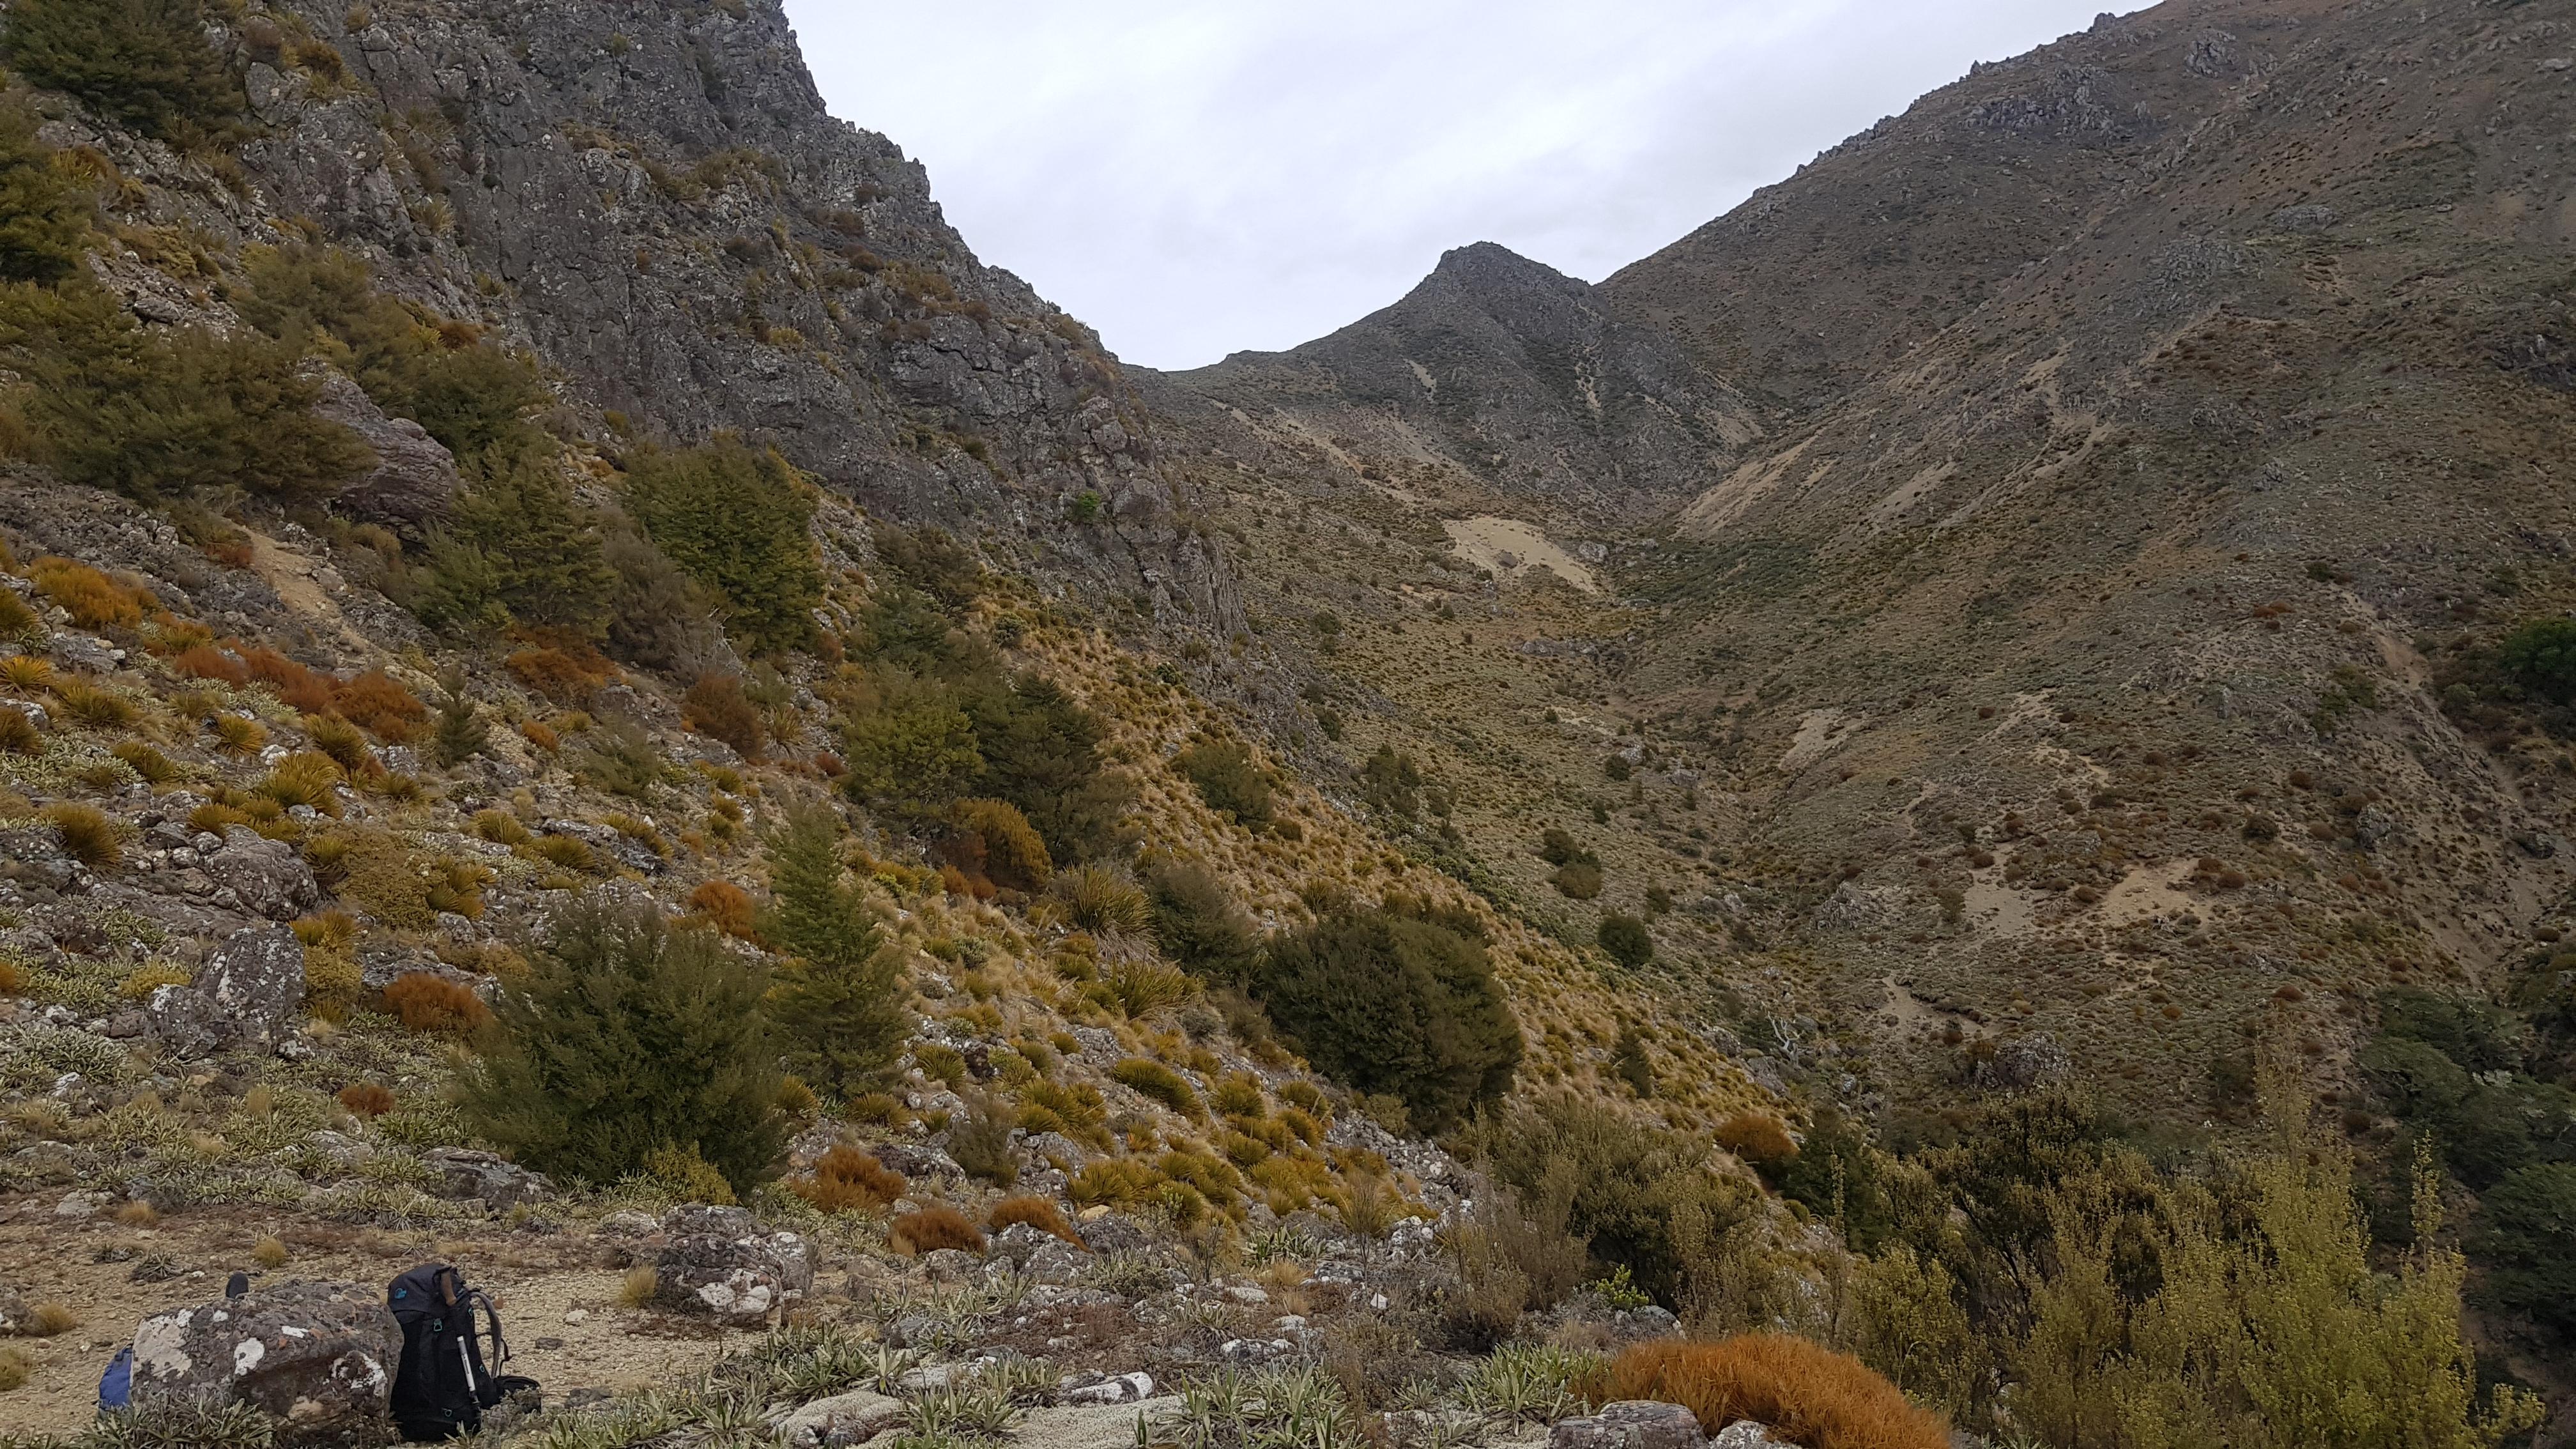 Towards Blairich mountain